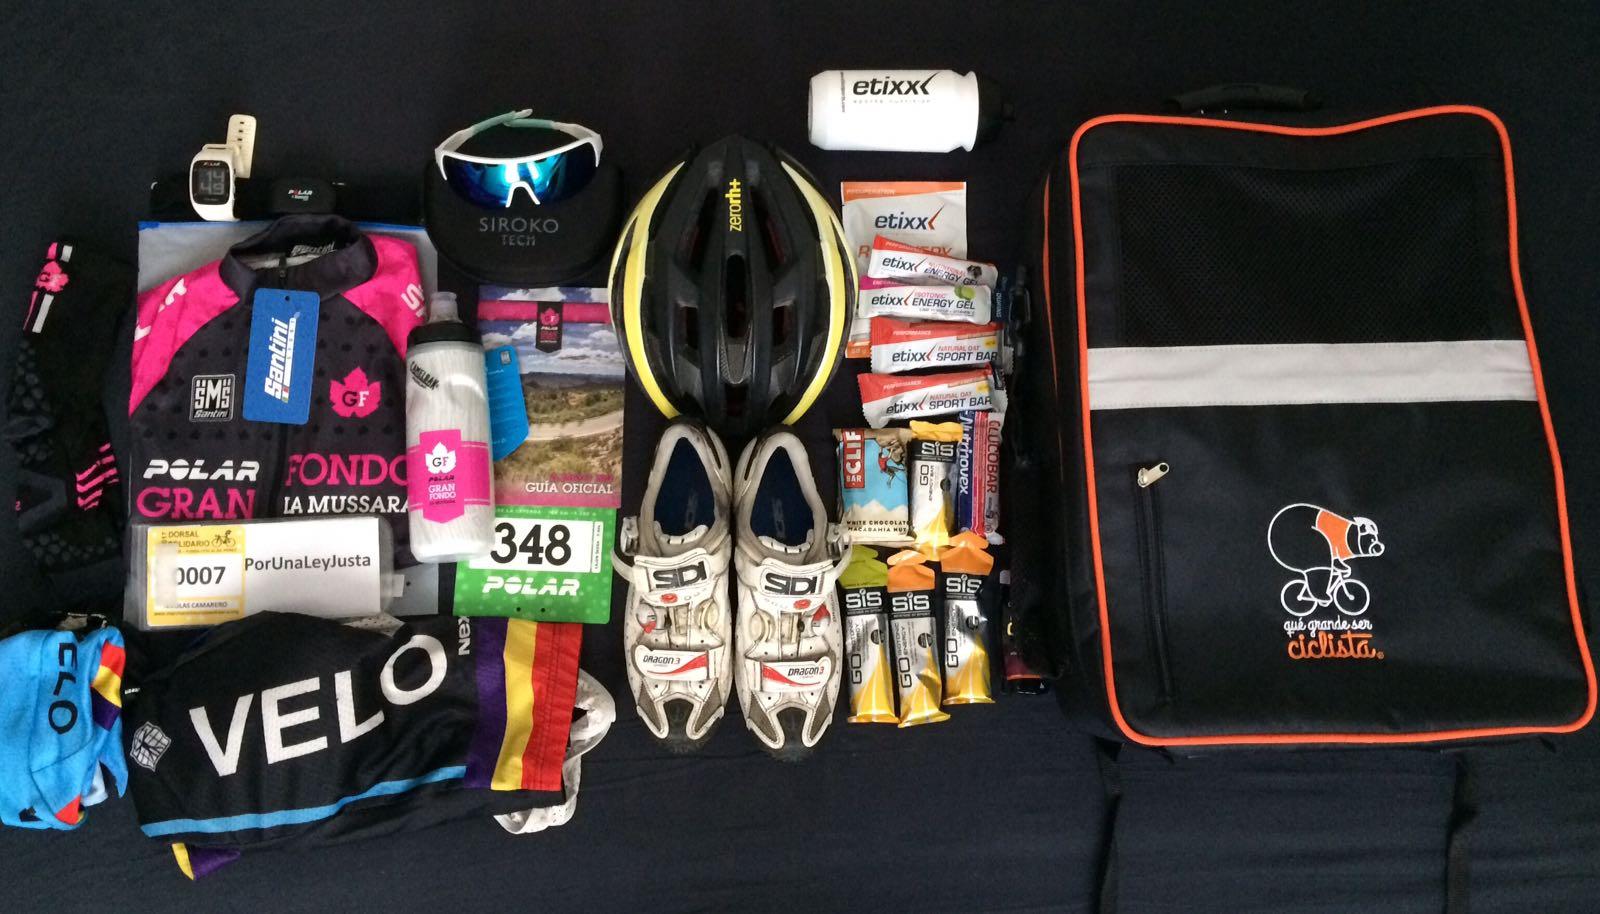 maleta ropa y accesorios de ciclismo